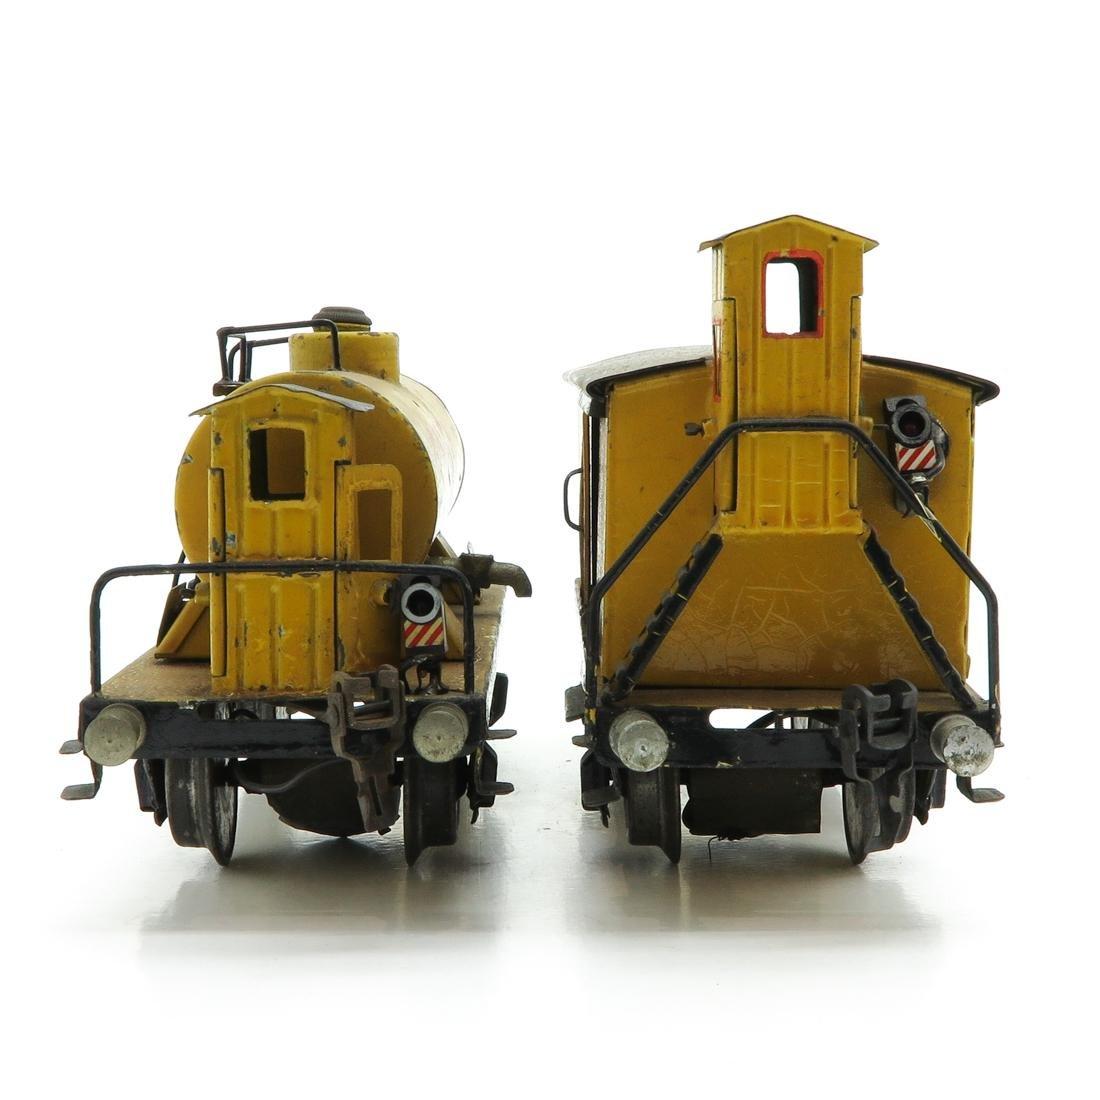 Lot of 2 Marklin Cars Including Shell Tank Wagon - 2